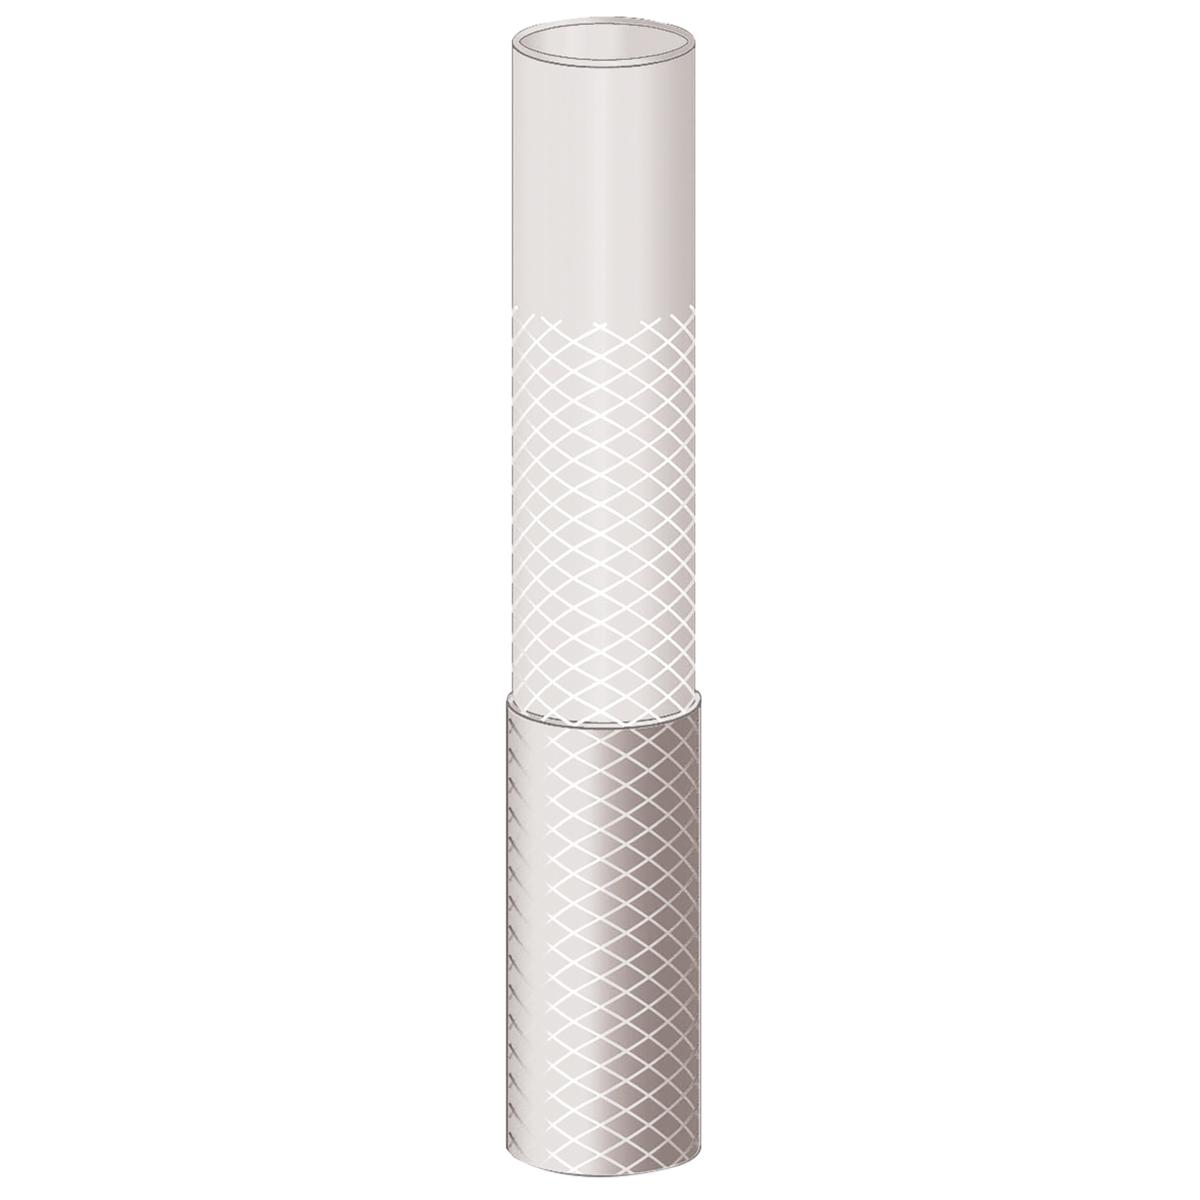 Mangueira Flex Transparente em PVC 3 Camadas Tramontina